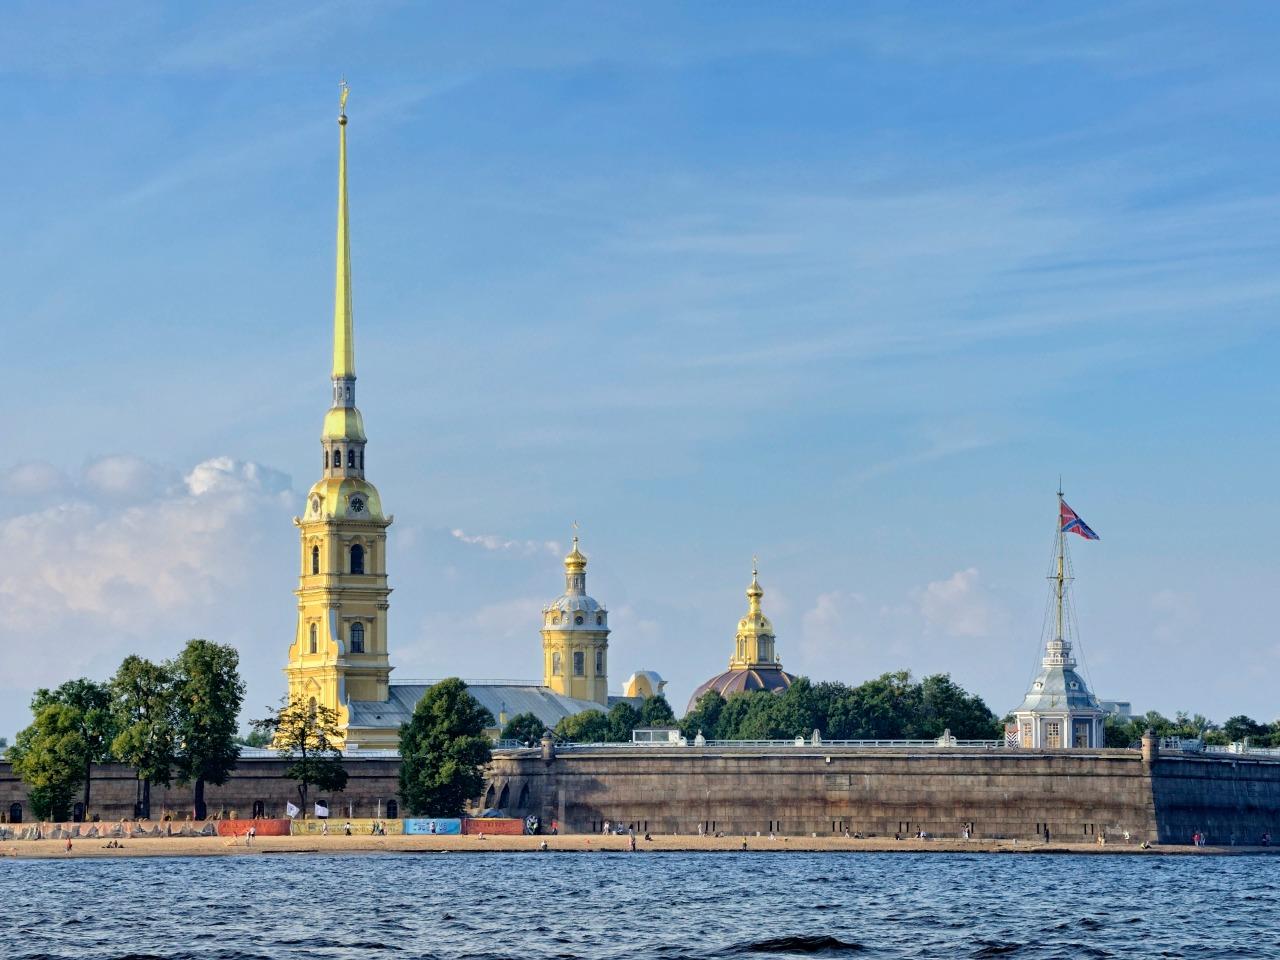 Здесь начинался город  - индивидуальная экскурсия по Санкт-Петербургу от опытного гида